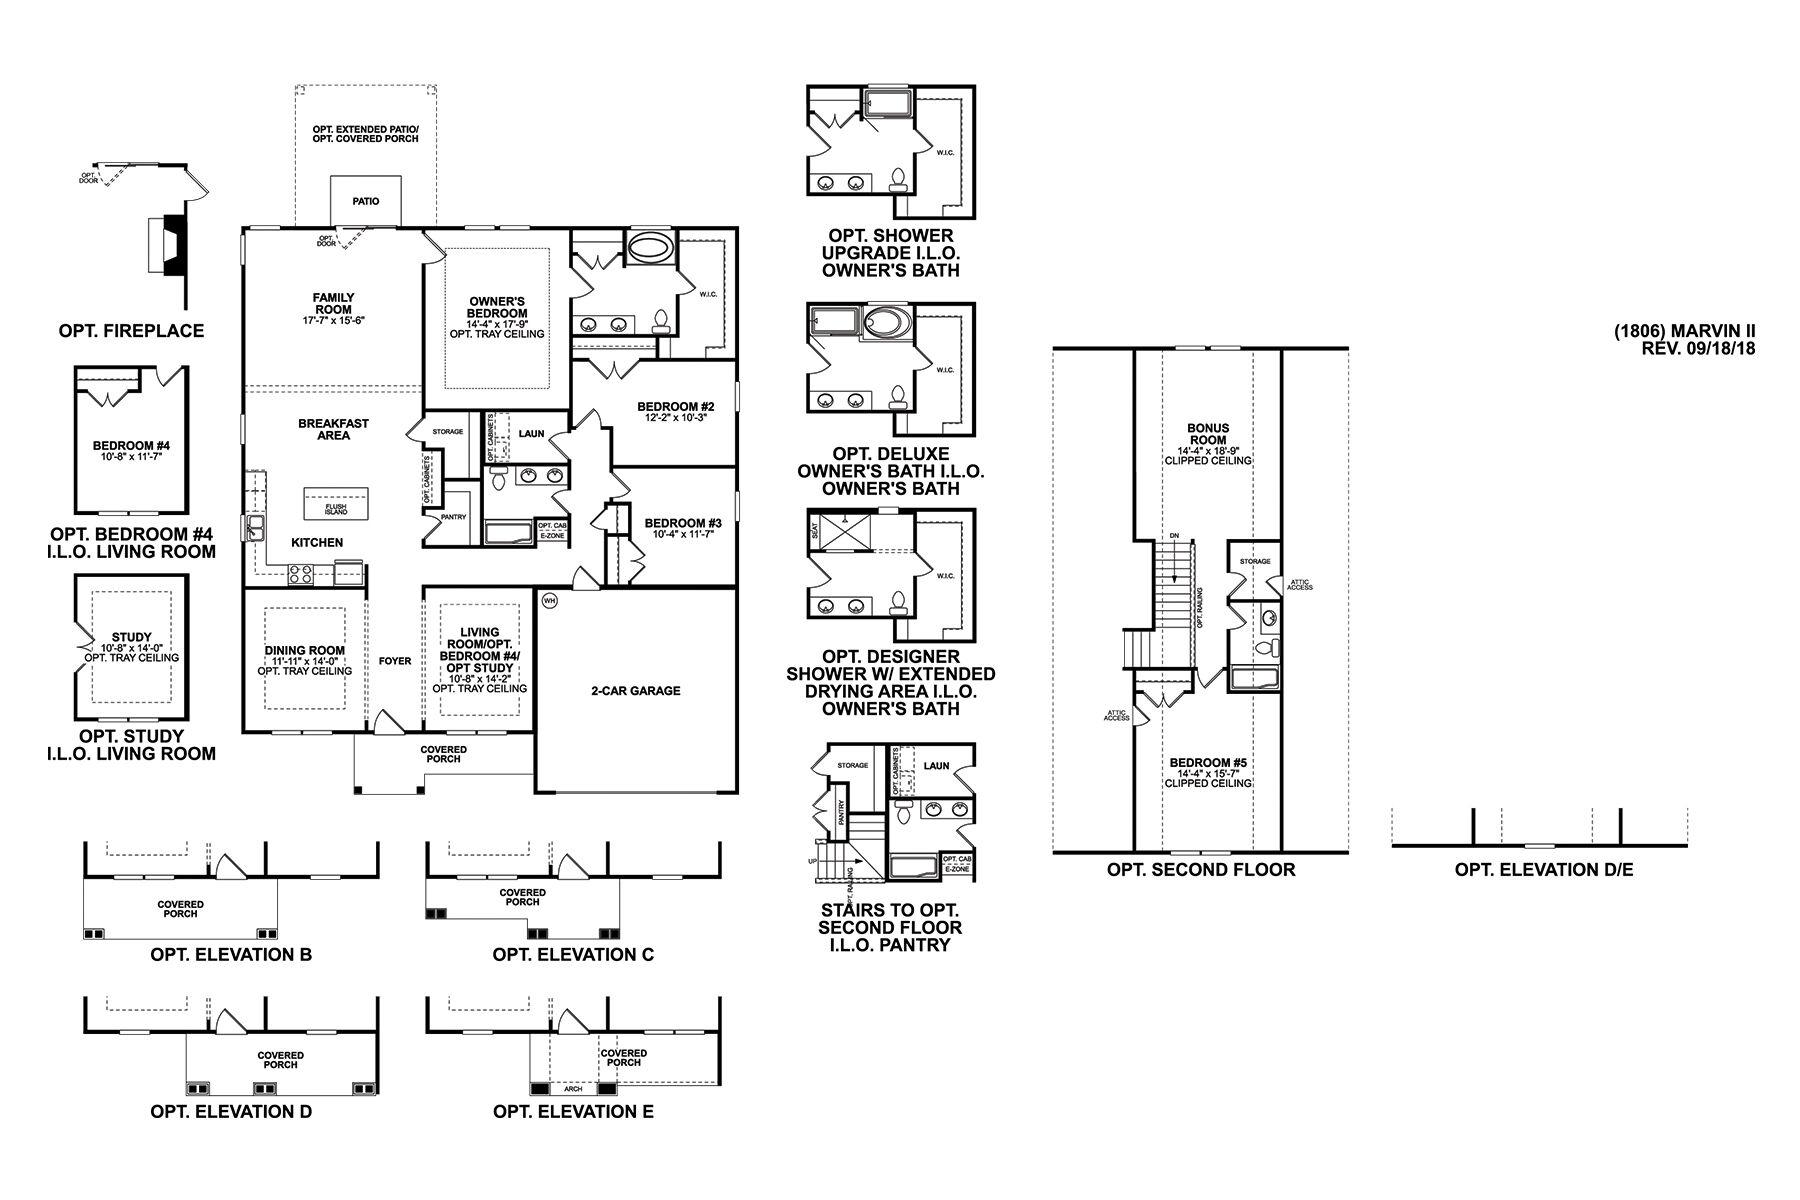 Marvin II Floorplan